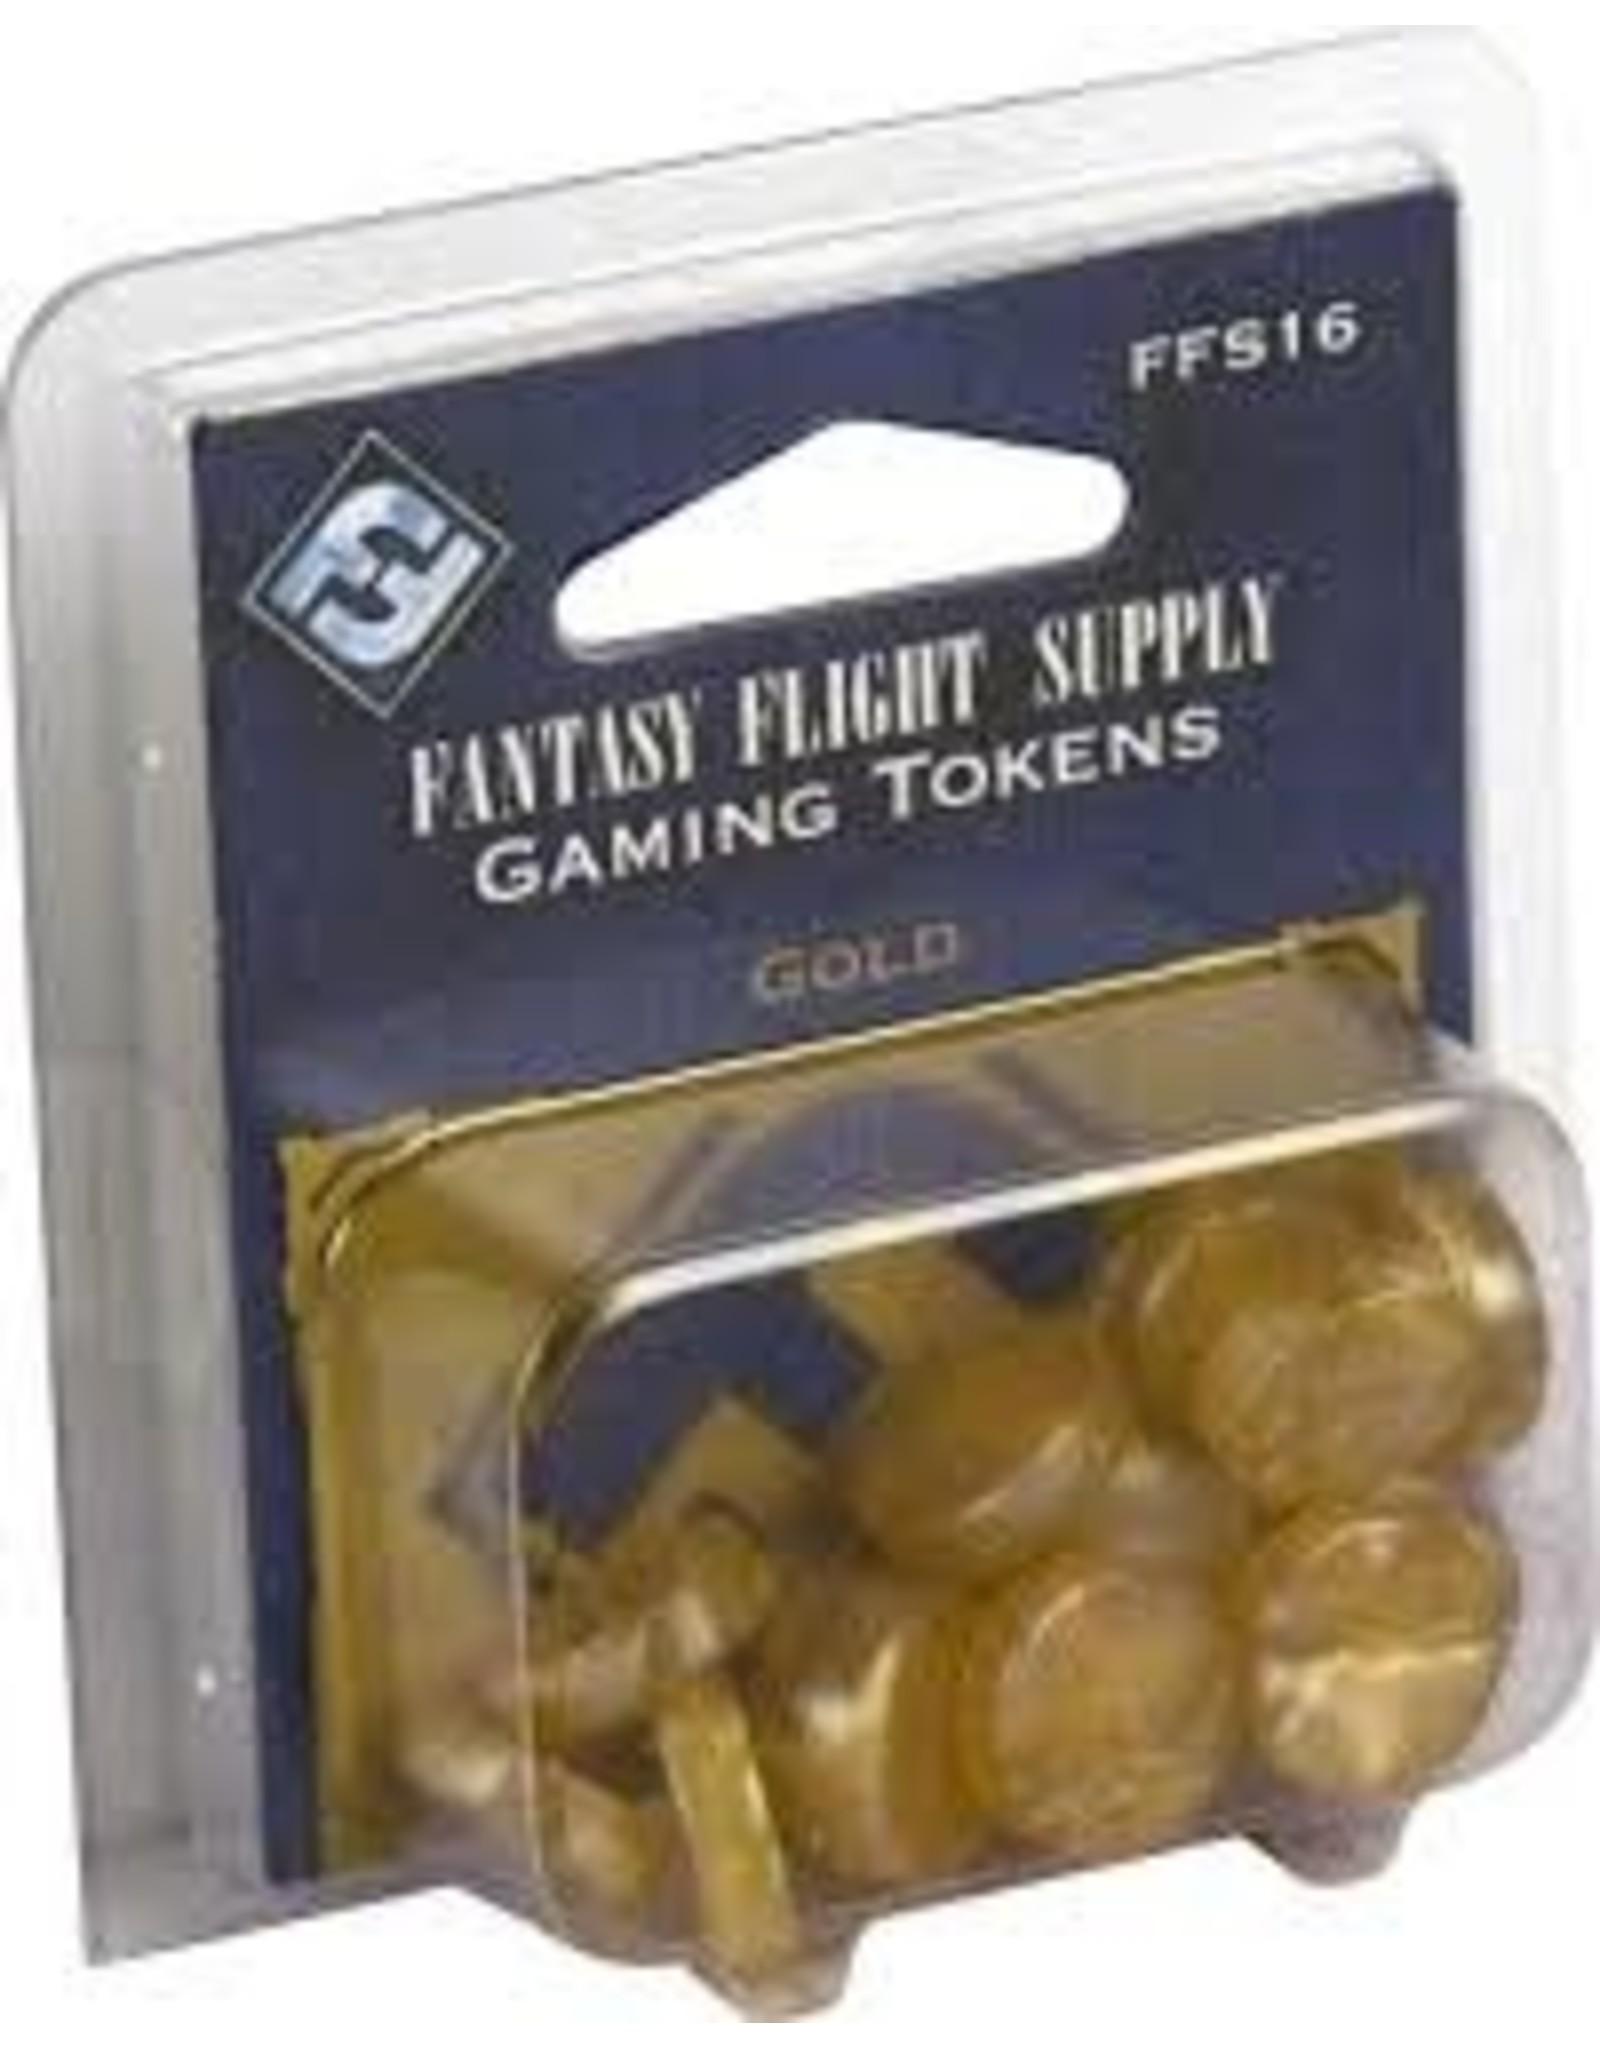 Fantasy Flight Games Gold Gaming Tokens